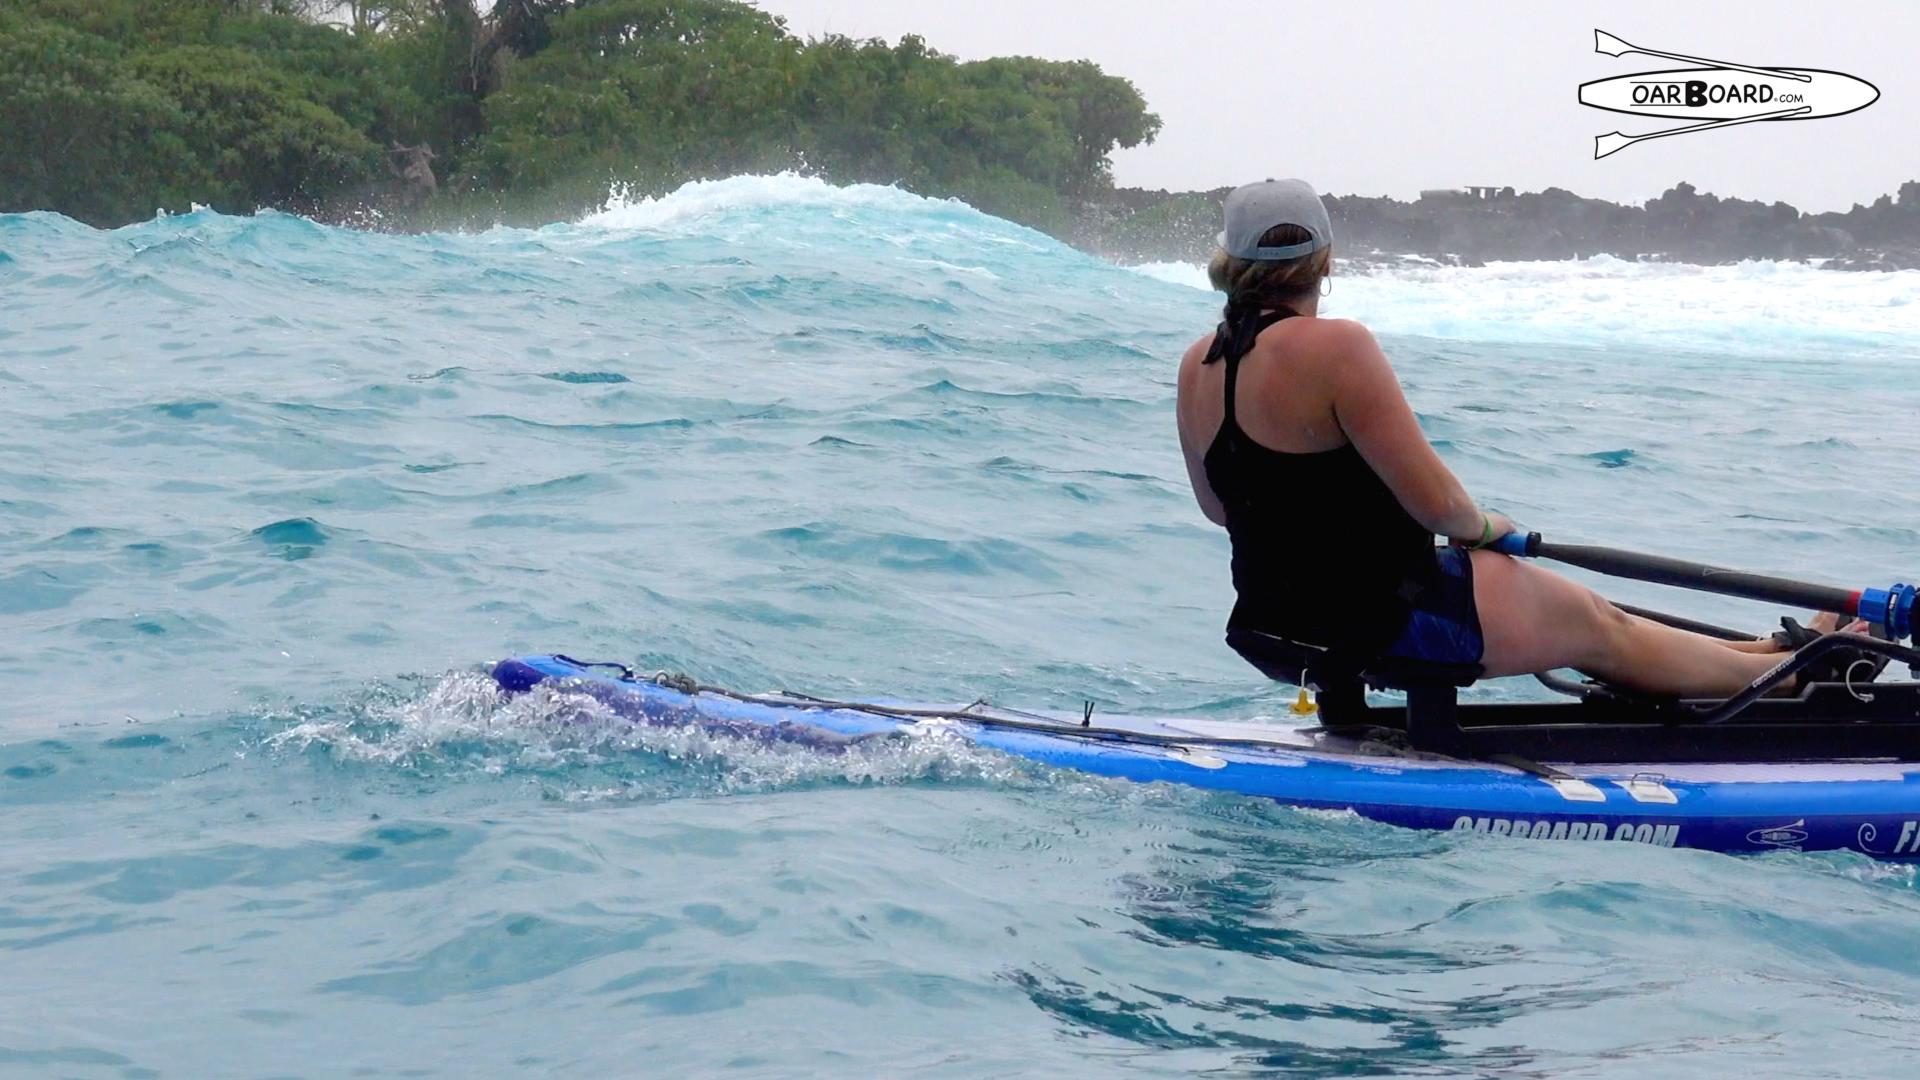 Hawaii-Wave-Oar-Board-Rower-Rowing-Travel-Diana-Lesieur